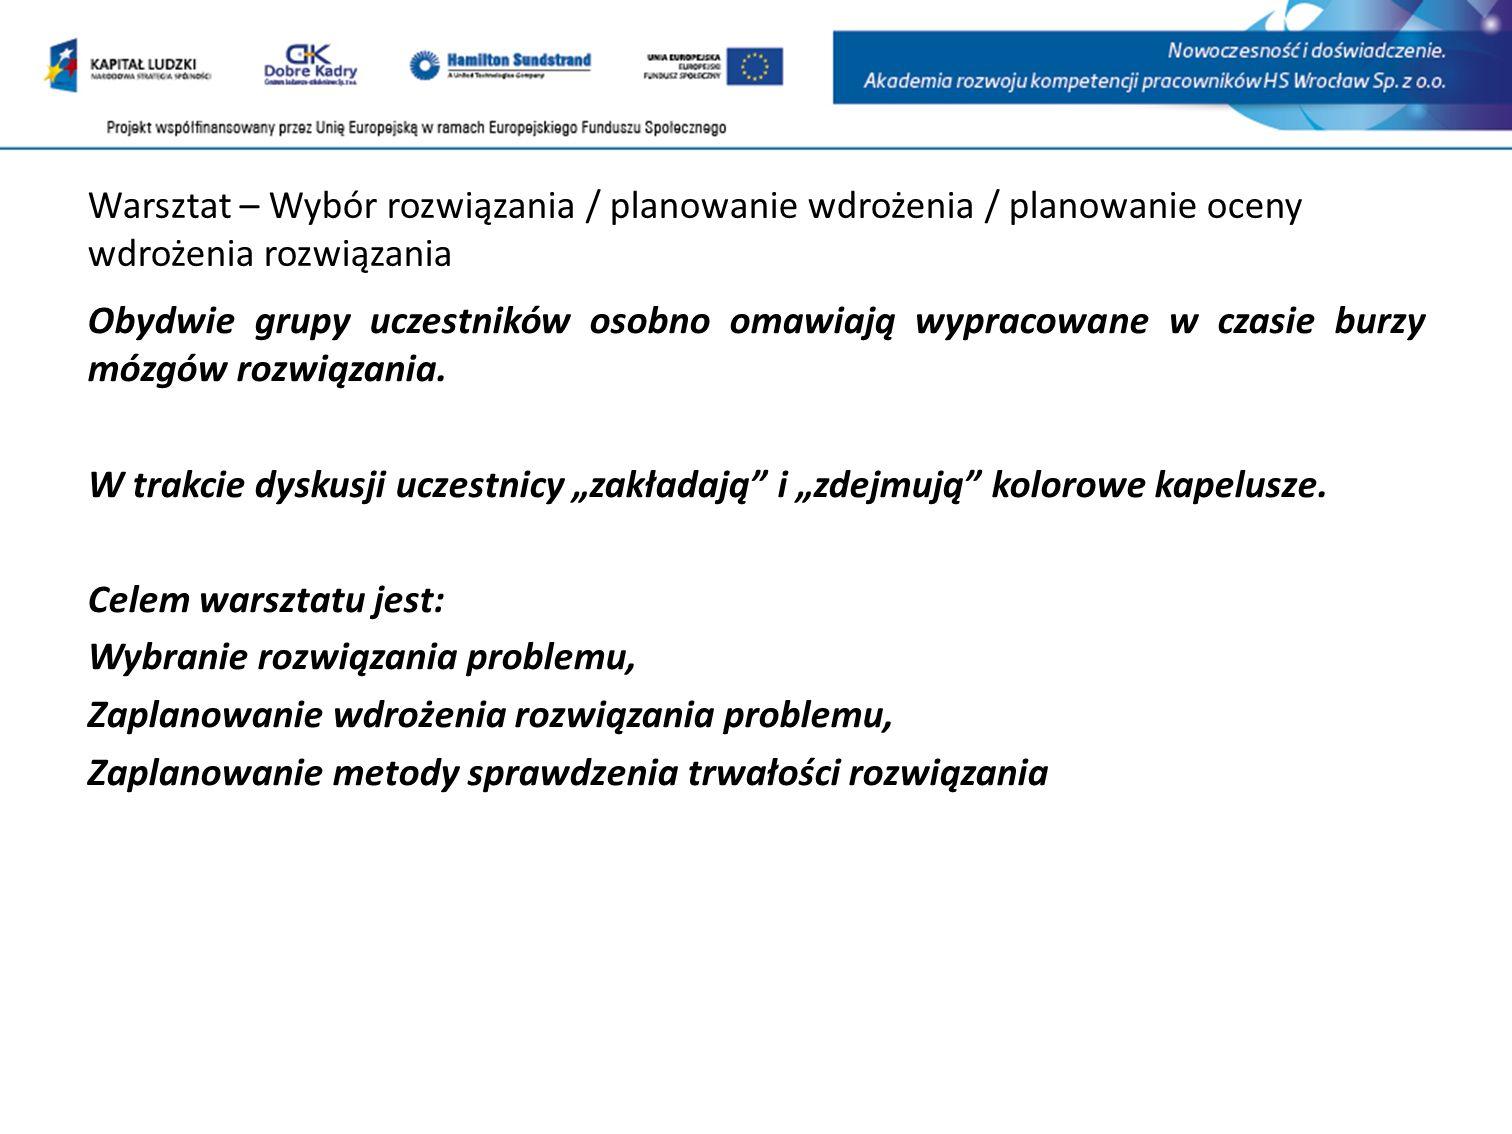 Warsztat – Wybór rozwiązania / planowanie wdrożenia / planowanie oceny wdrożenia rozwiązania